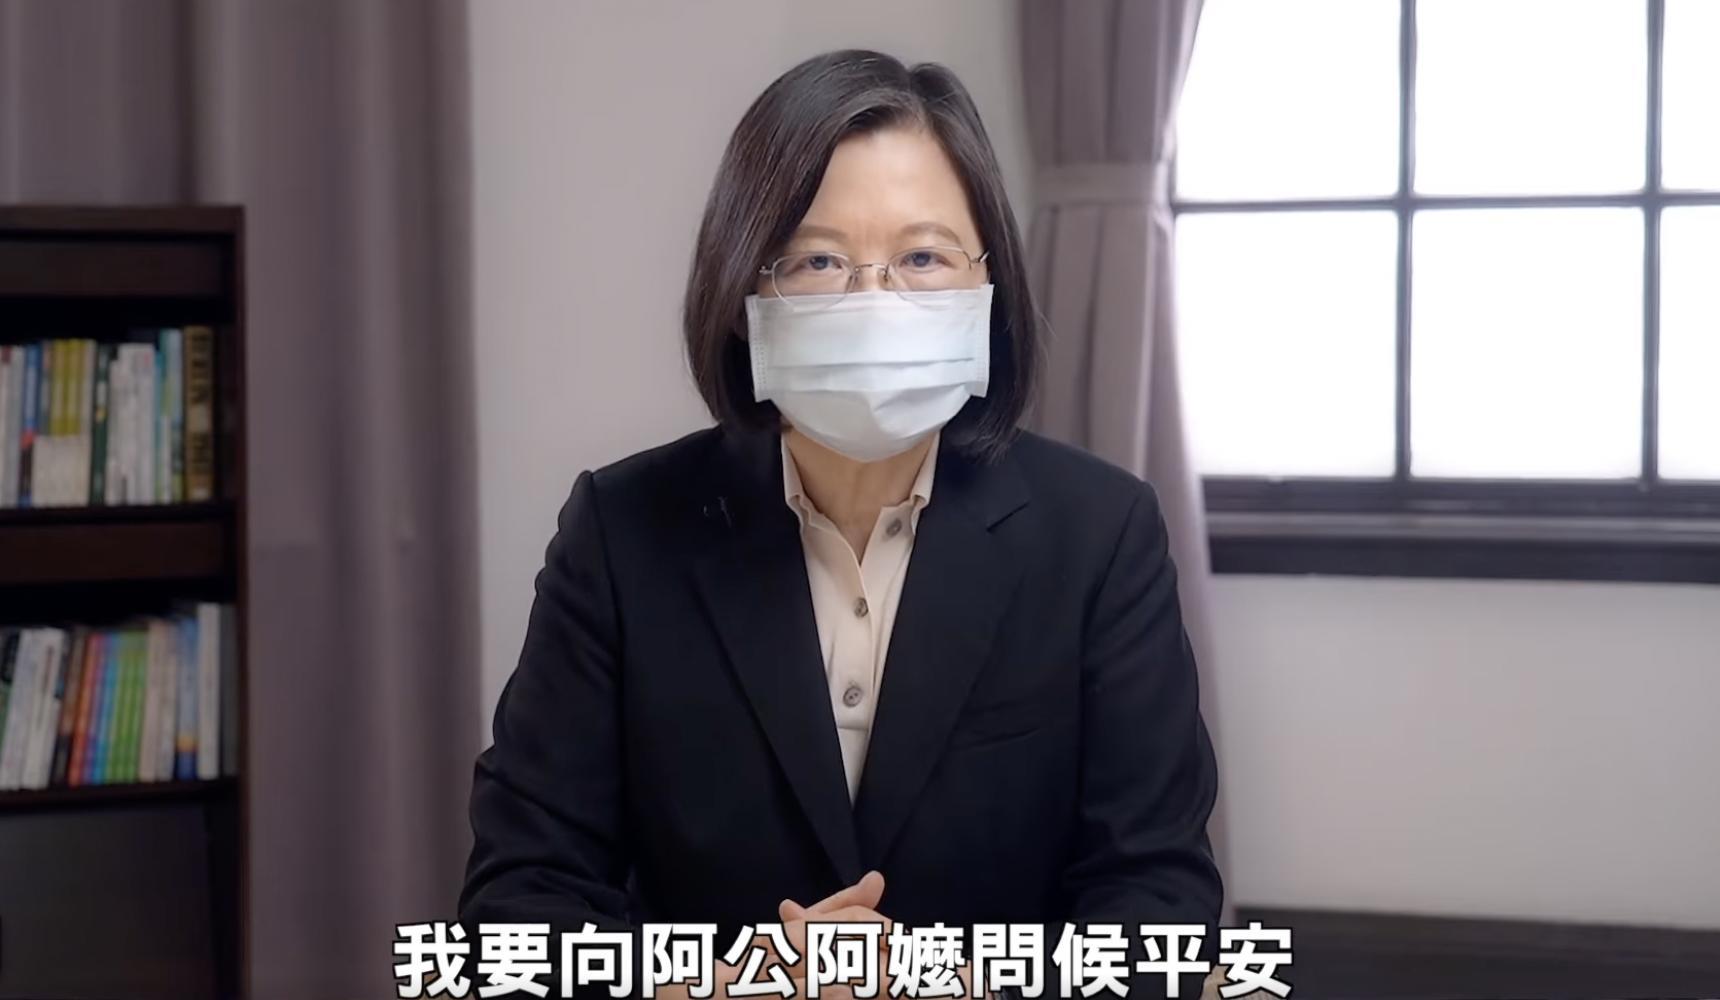 阿公、阿嬤活力旺!   全台百歲人瑞創新高、最高齡台北市118歲